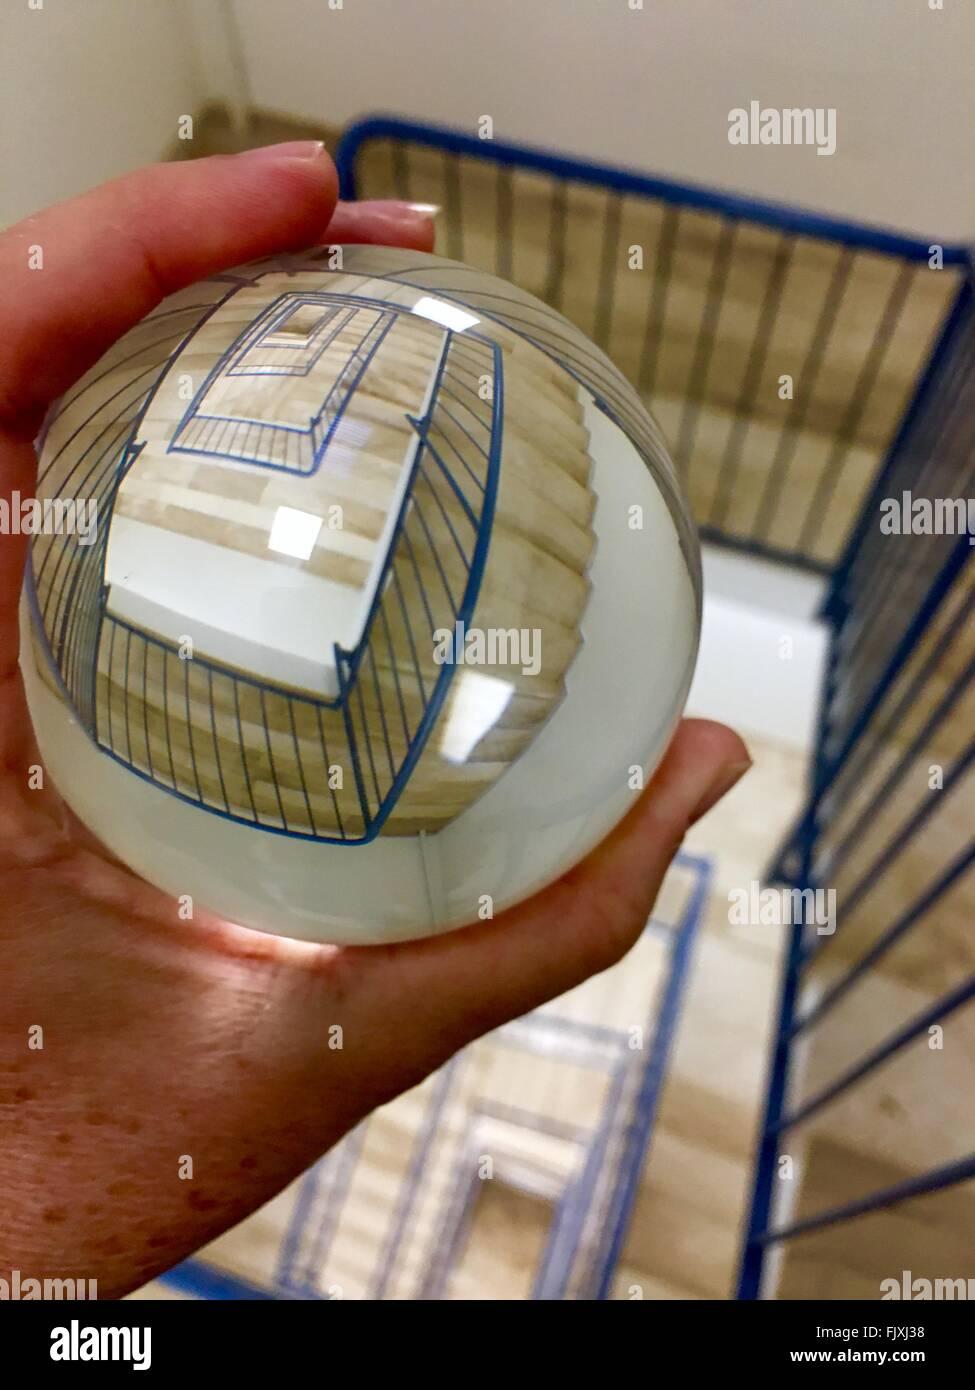 Portrait de personne tenant boule de cristal avec reflet d'escalier à vis Photo Stock